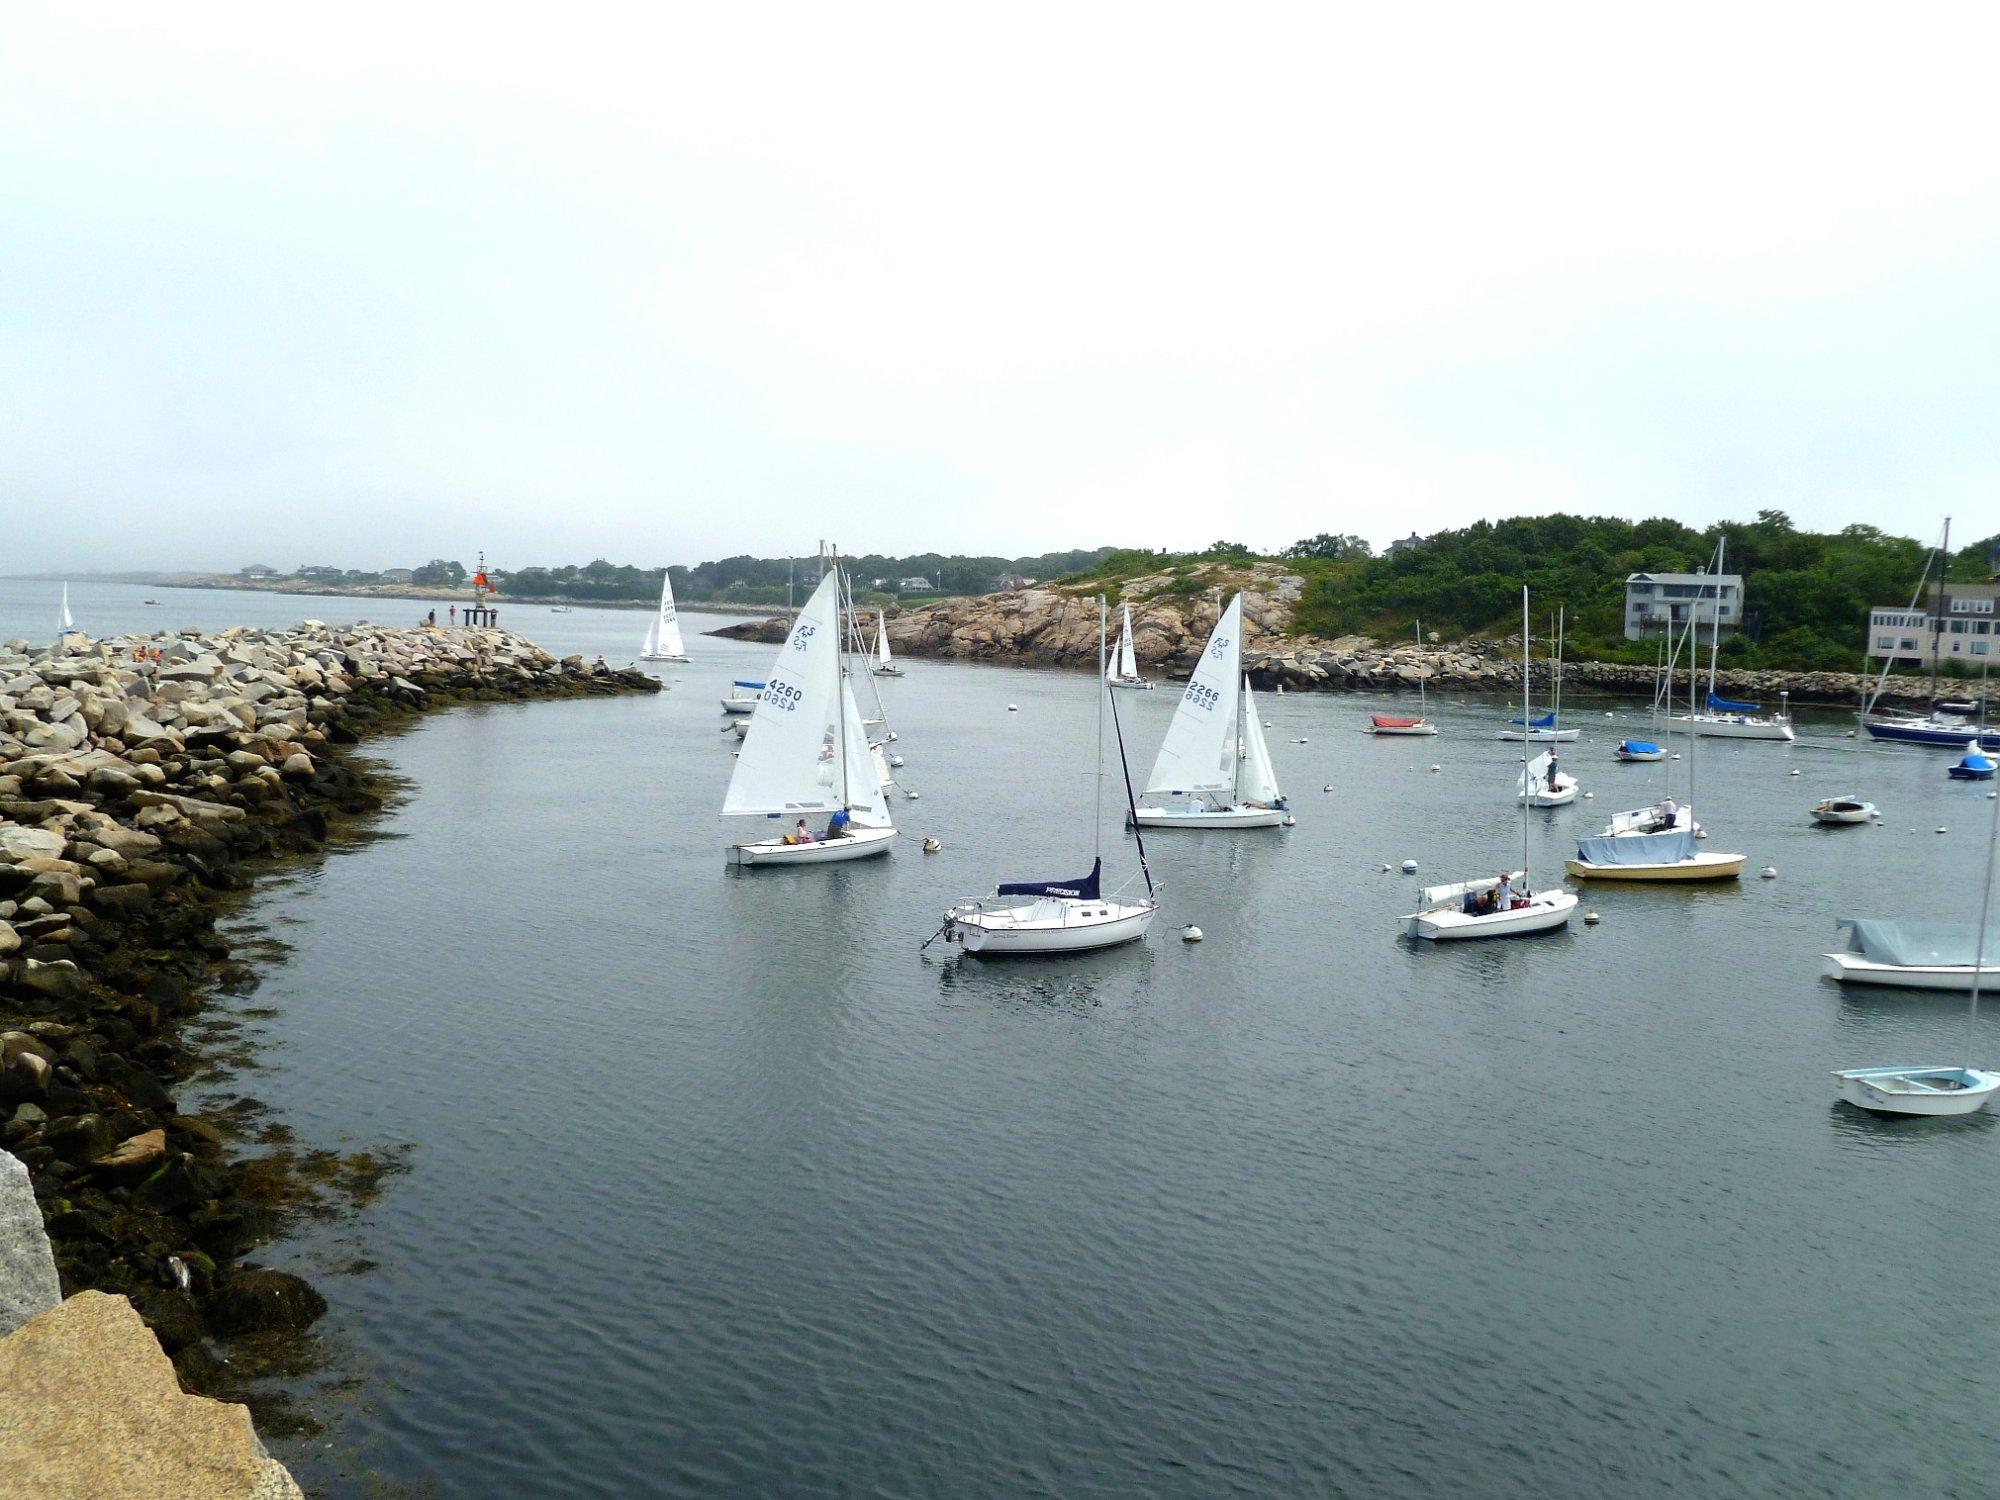 Tres beau port de mer a Rock Port.